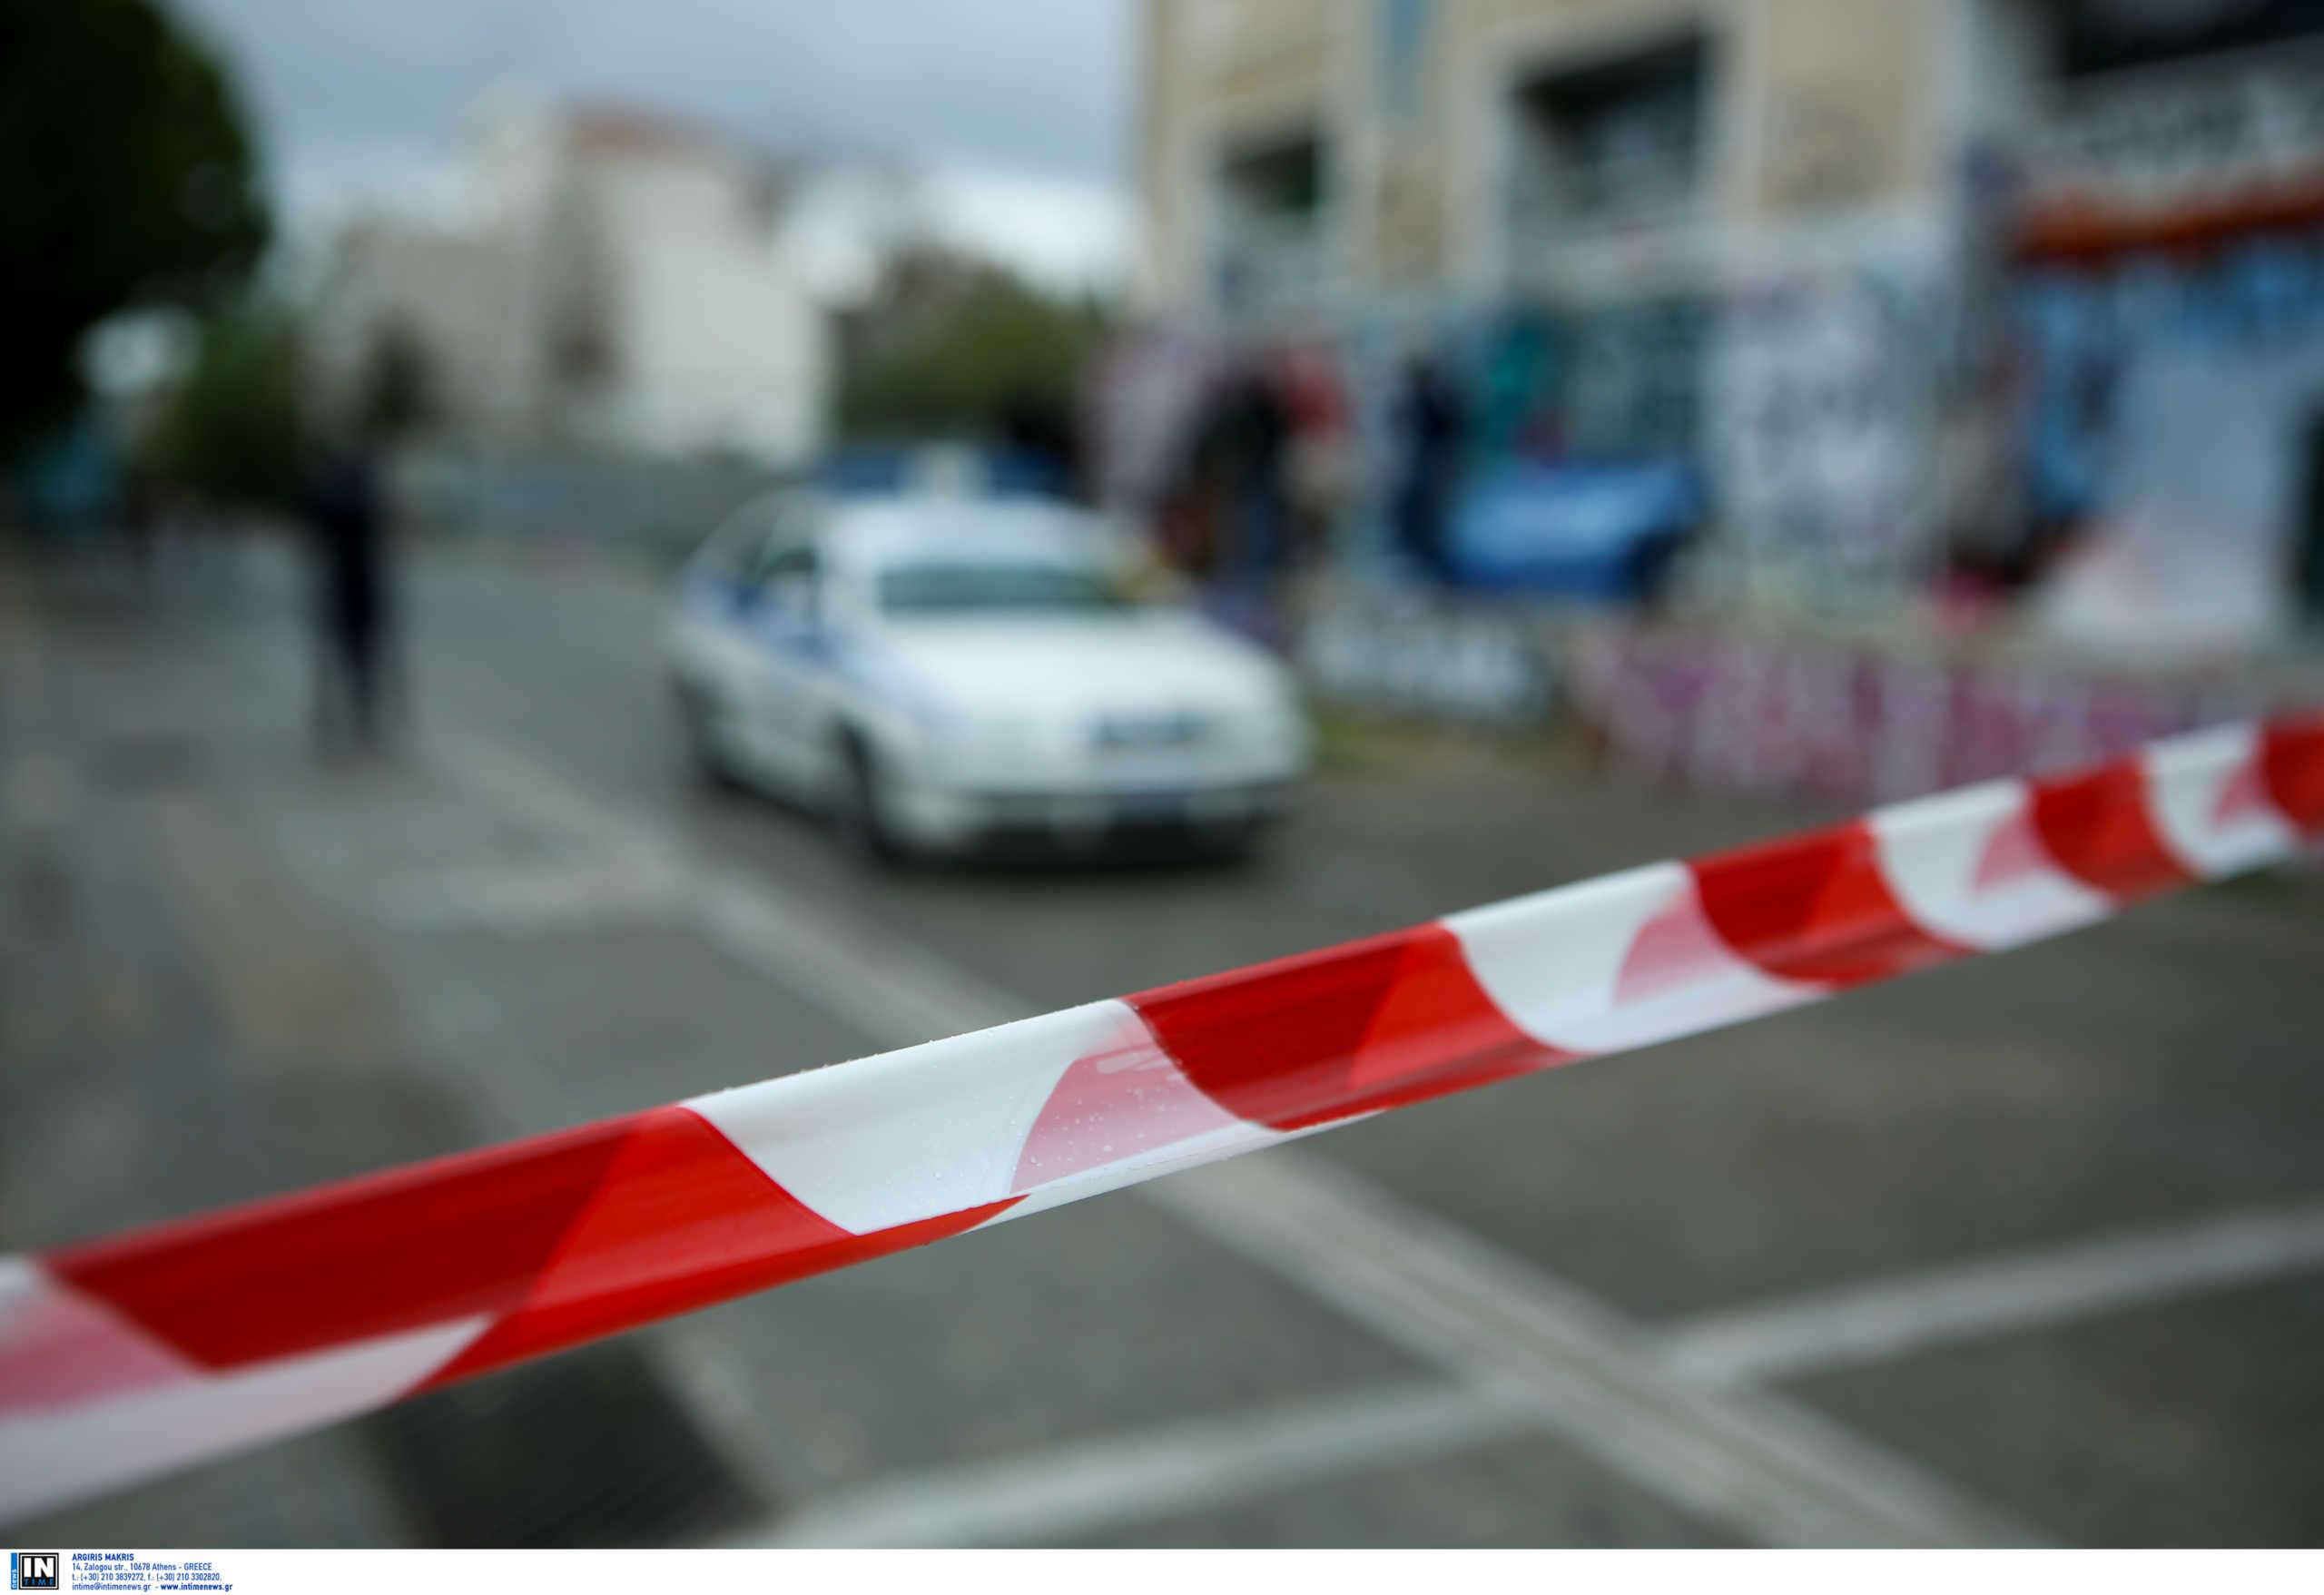 Λαμία: Τρόμος για φοιτητή στο δρόμο για το σπίτι! Σε κατάσταση σοκ μπροστά στους αστυνομικούς